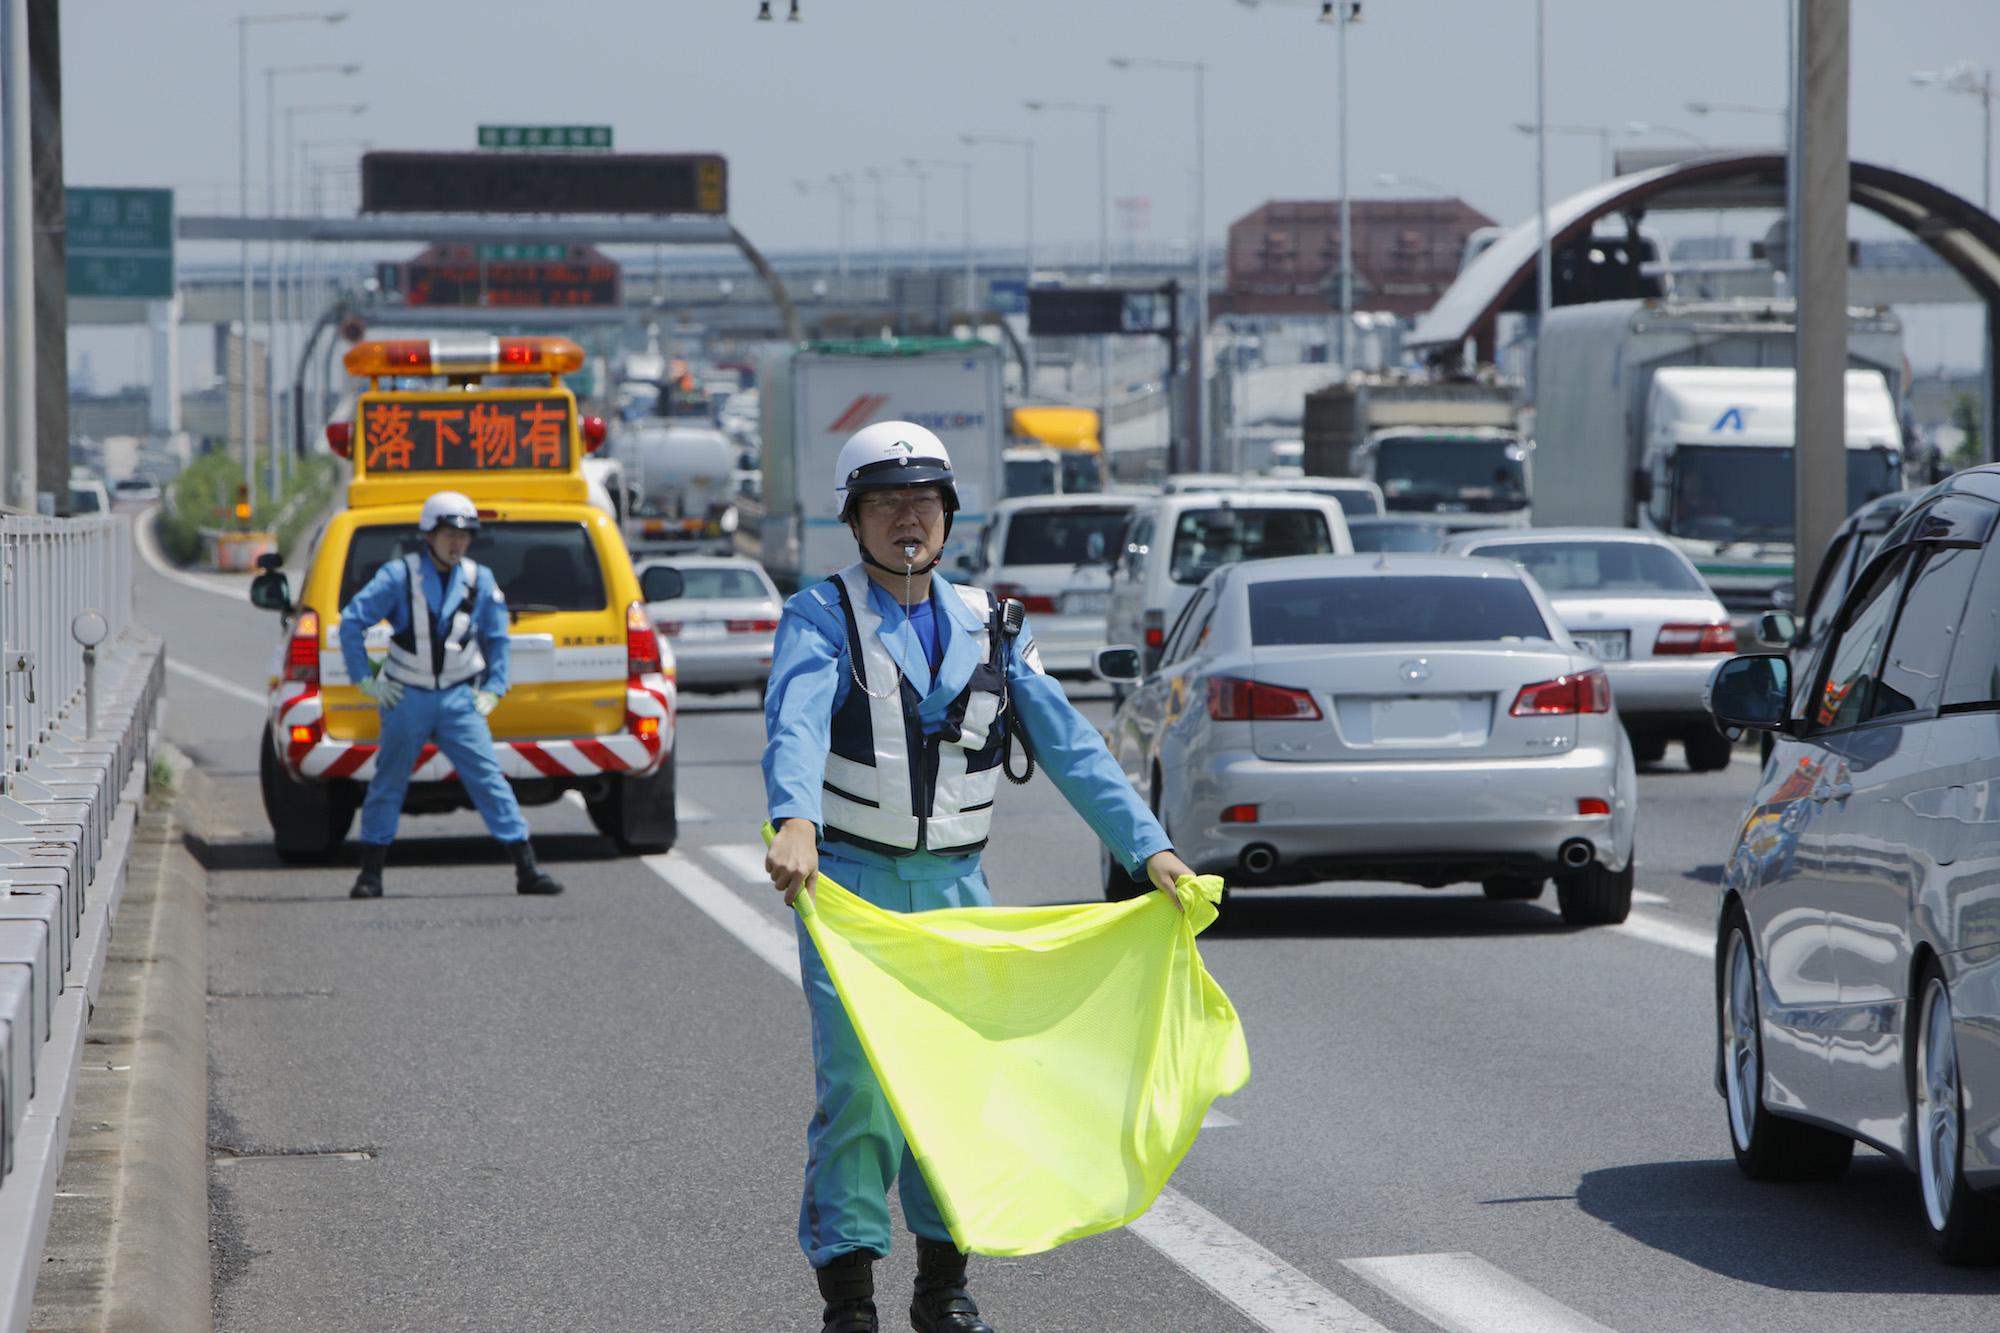 高速道路で物を落としてしまった!どうすればいい?対処法は?